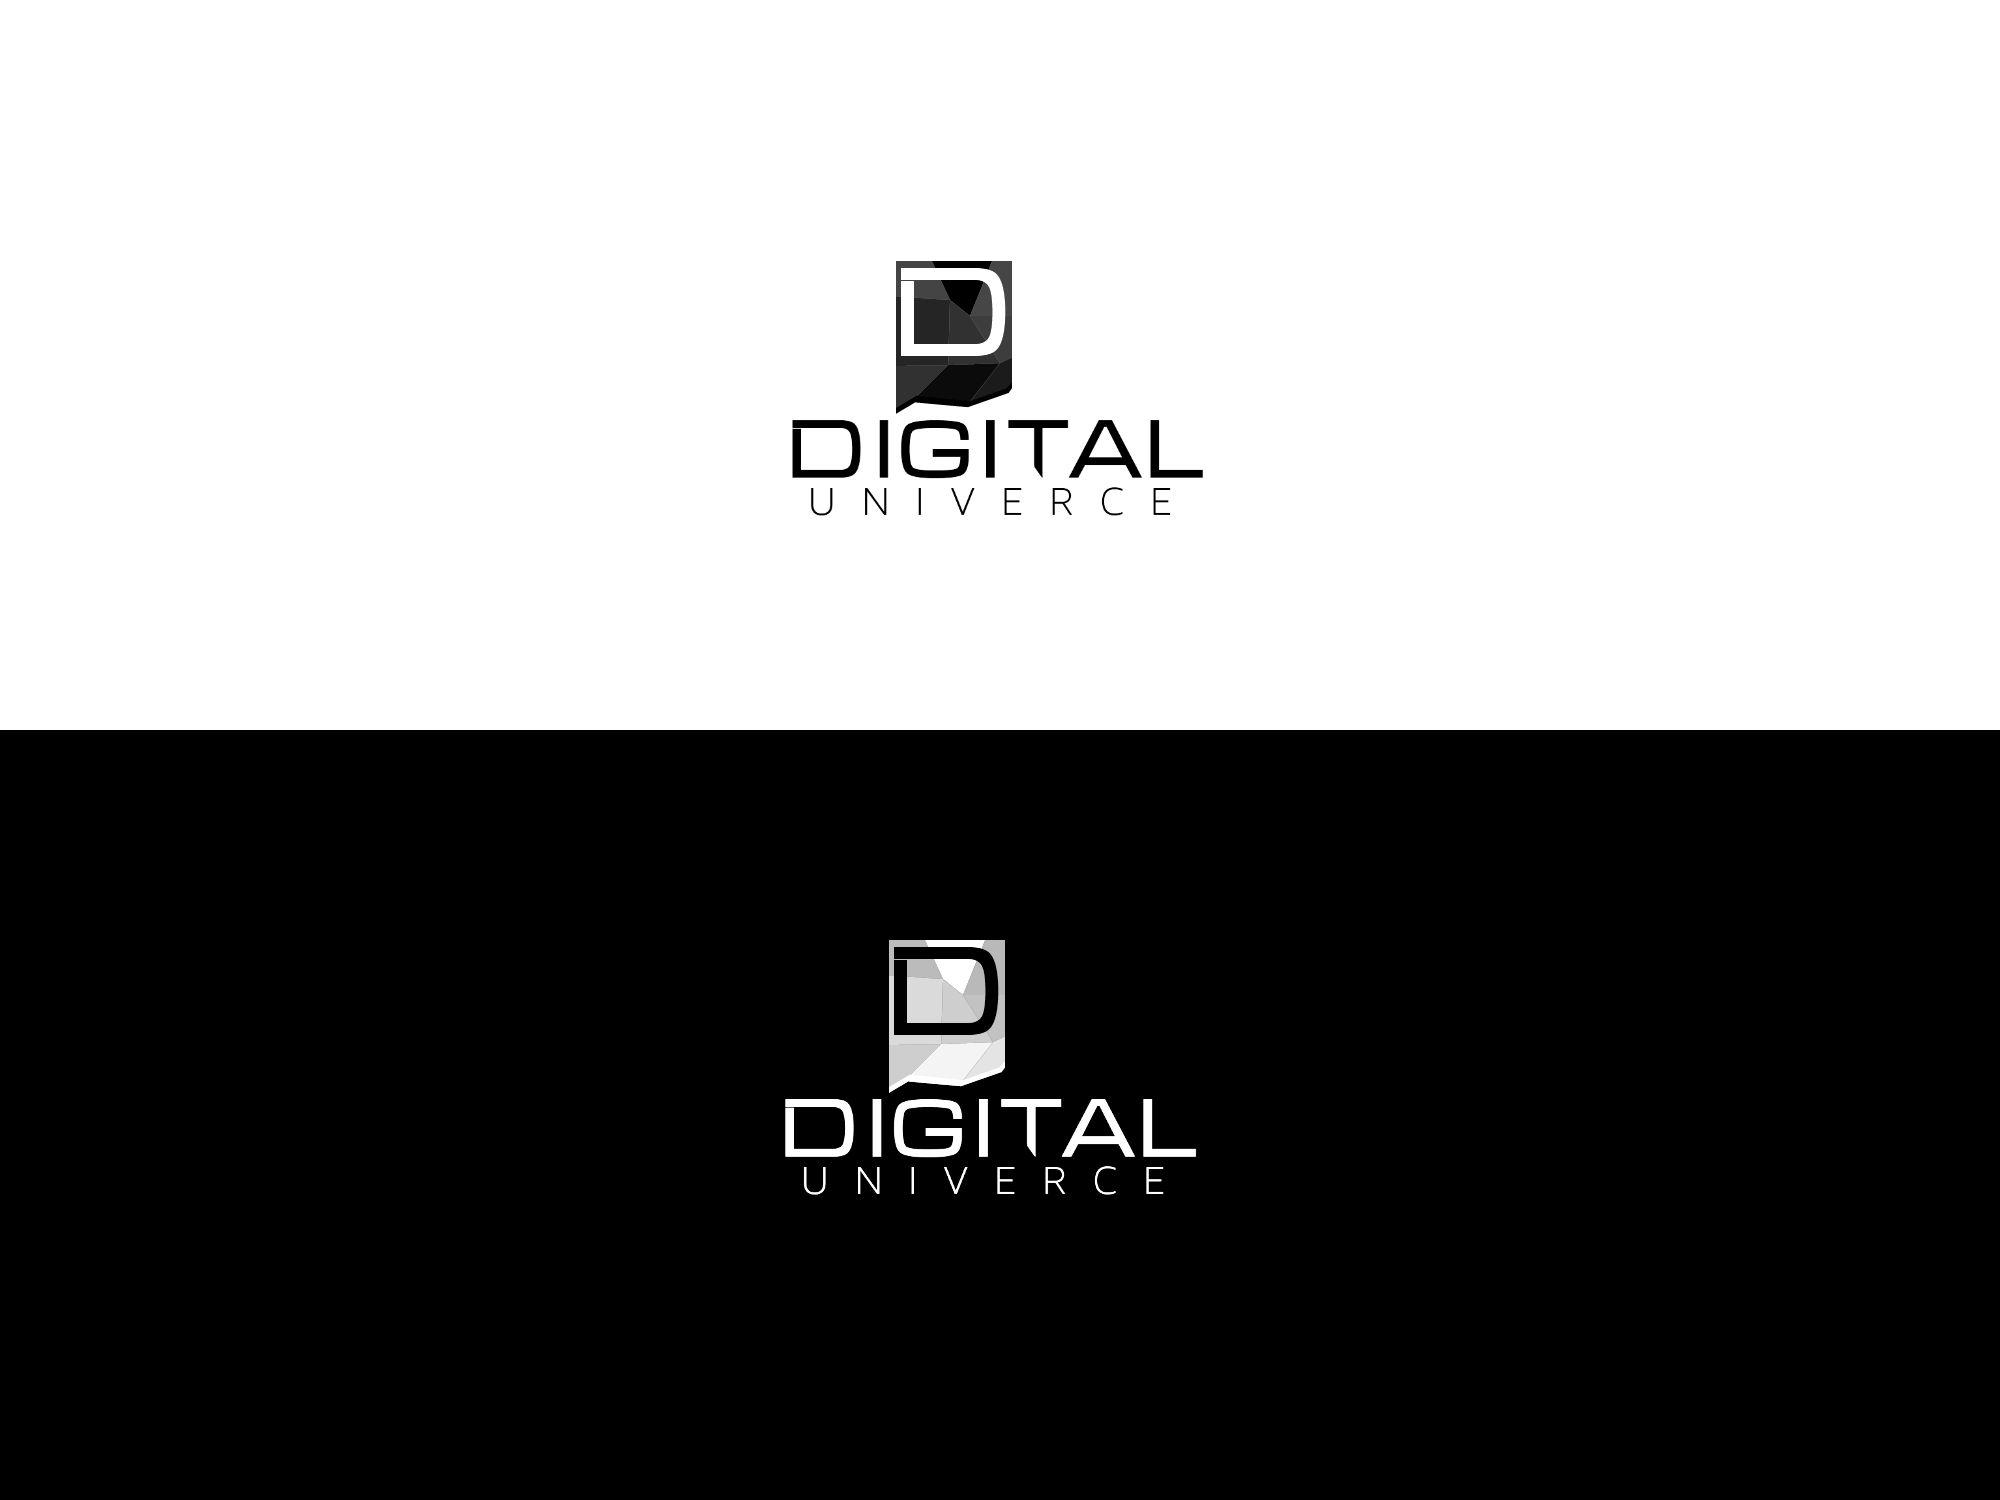 логотип для компании-разработчика ММО-игр - дизайнер GQmyteam